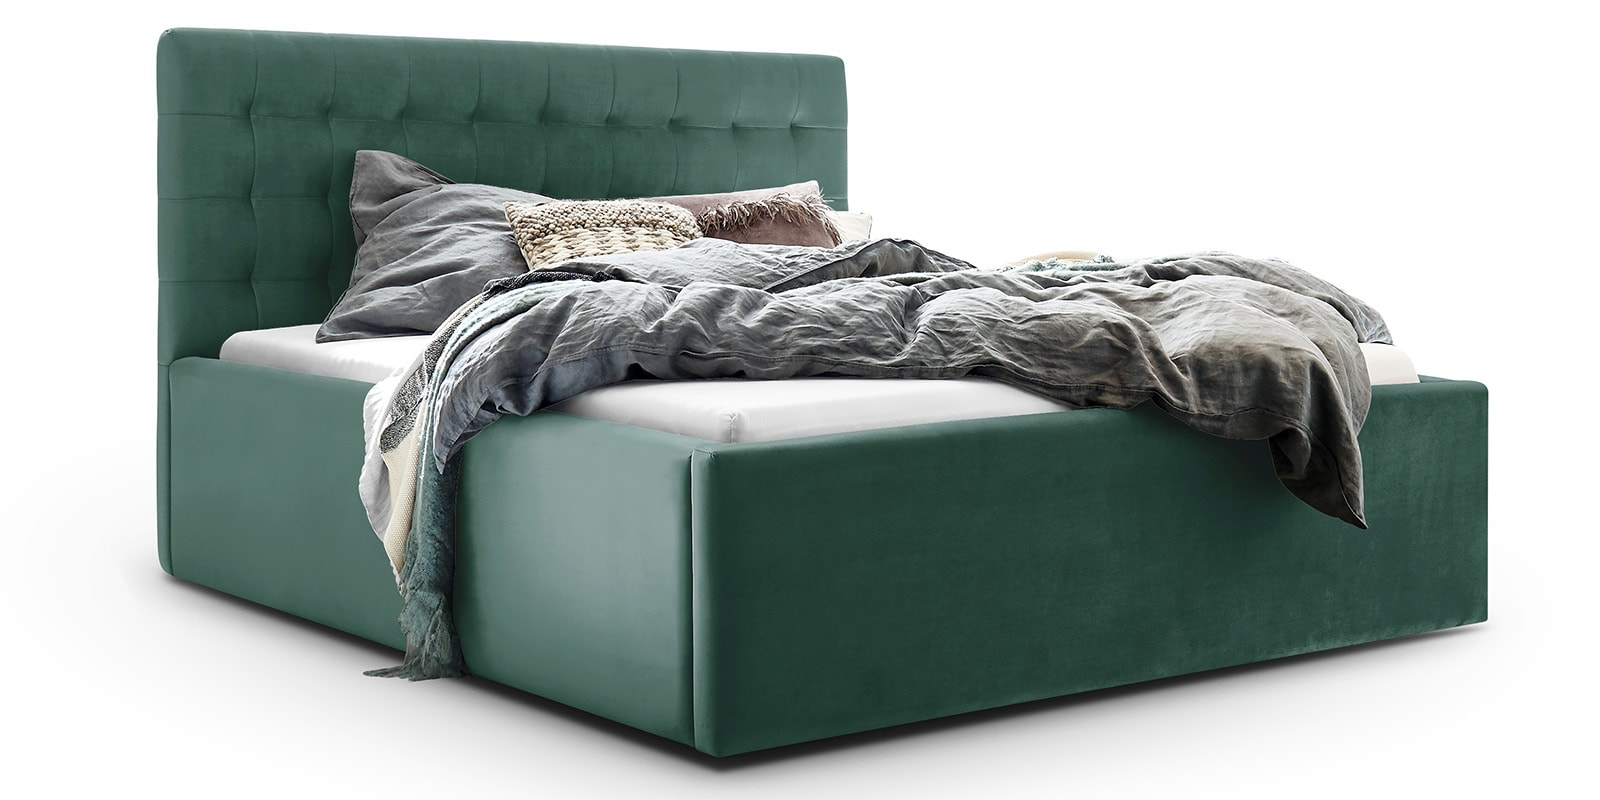 Moebella24 - Bett - mit - Bettkasten - Molly - Samt - Mint - Stauraum - Bettkasten - und - Lattenrost - vormontiert - verstärkte - Dämpfer - Detailaufnahme